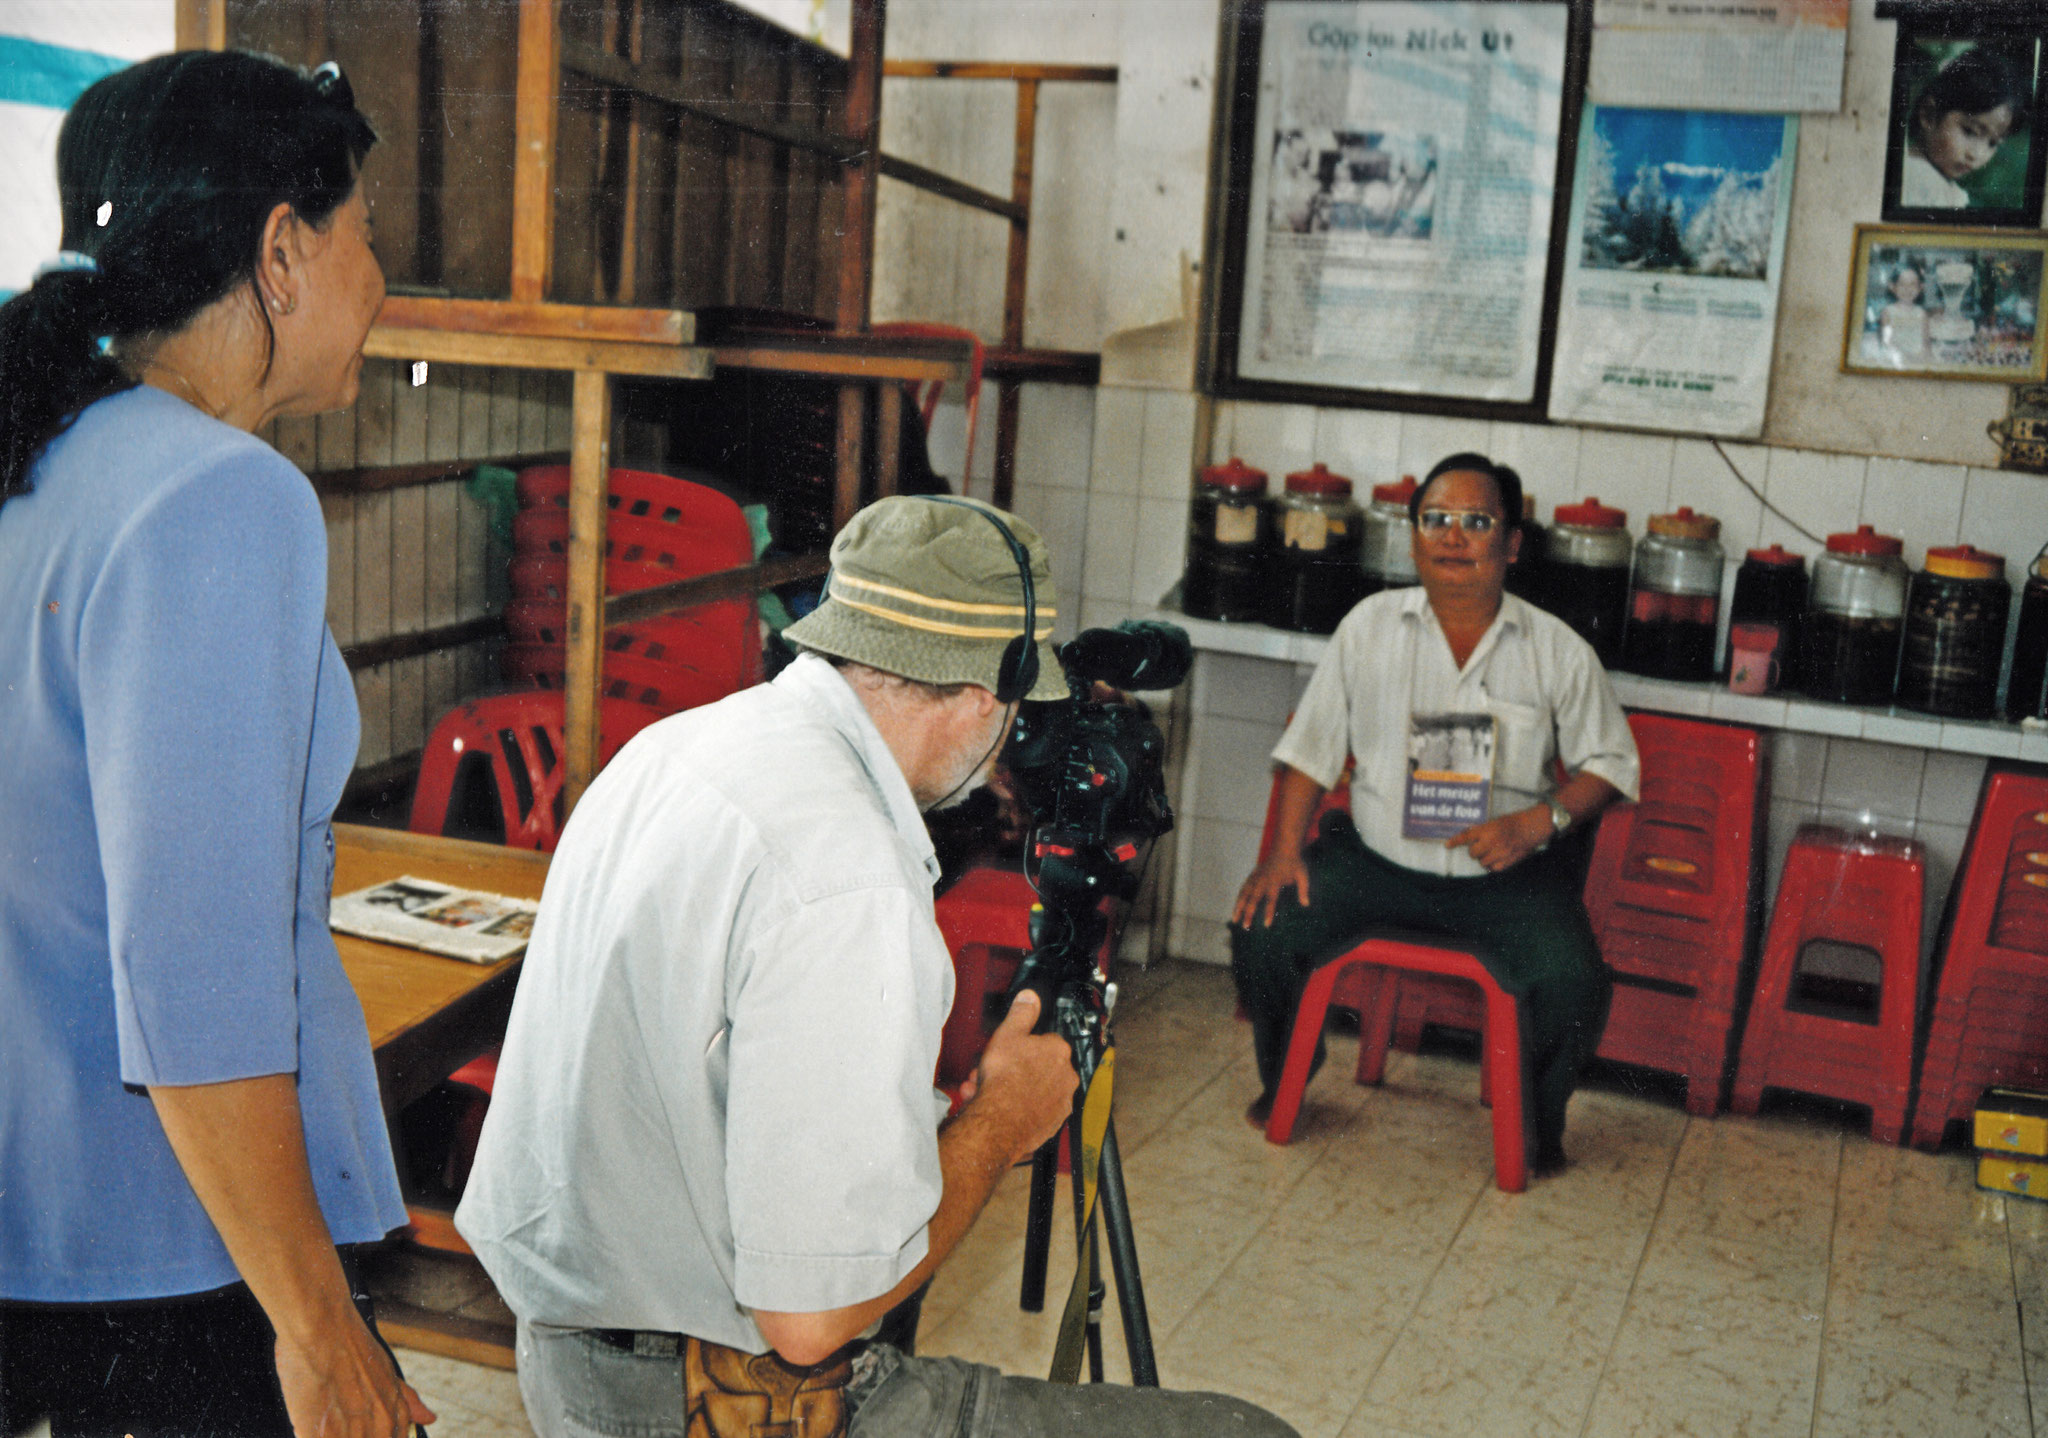 Der Bruder von Kim Phuc erzählt über Napalmangriff. (Bild von napalmverbrannten Mädchen Kim Phuc, das um die Welt ging)